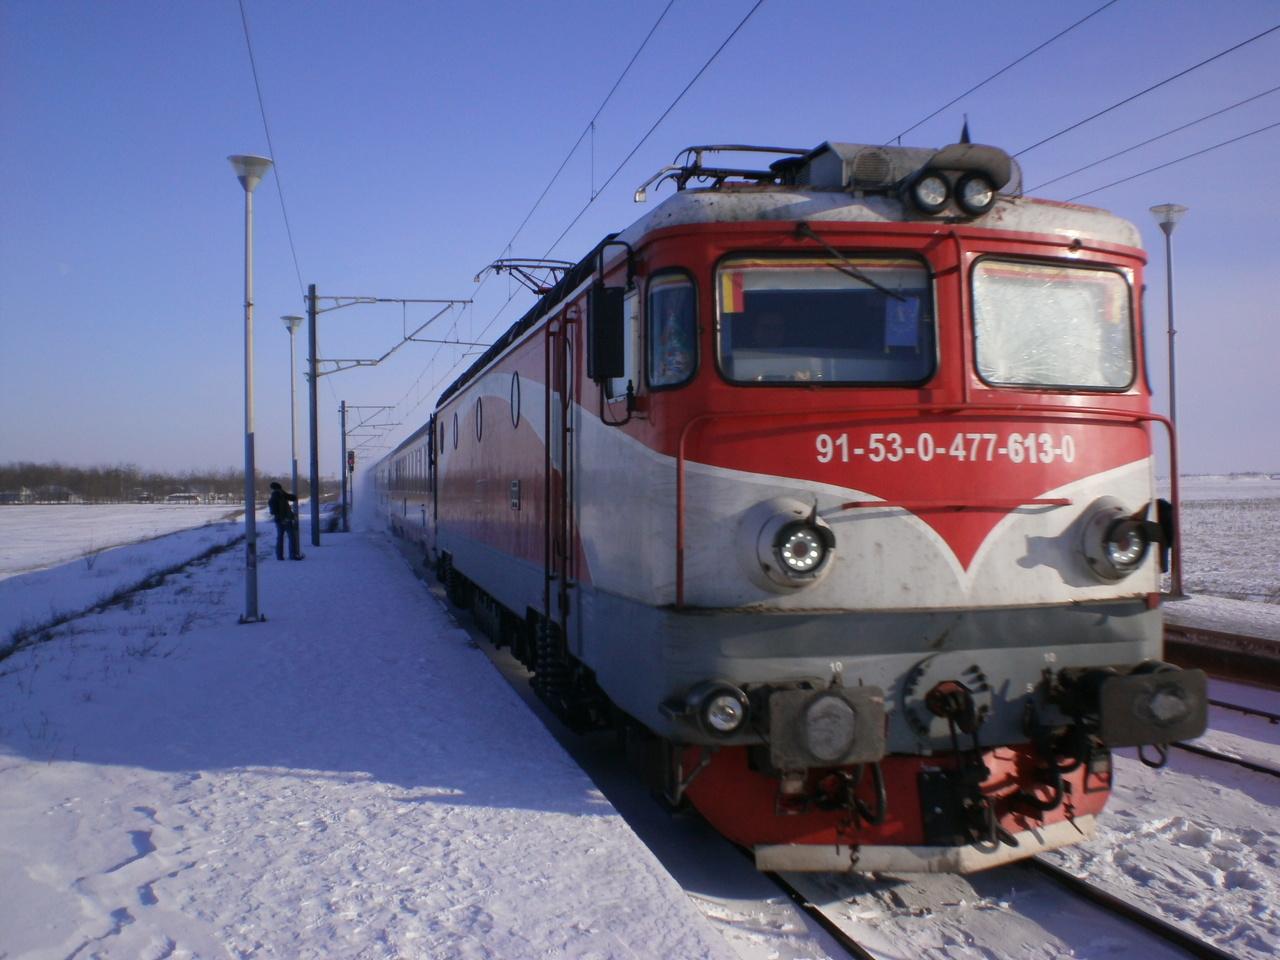 Locomotive clasa 47(476/477) aparţinând CFR Călători  P1011122